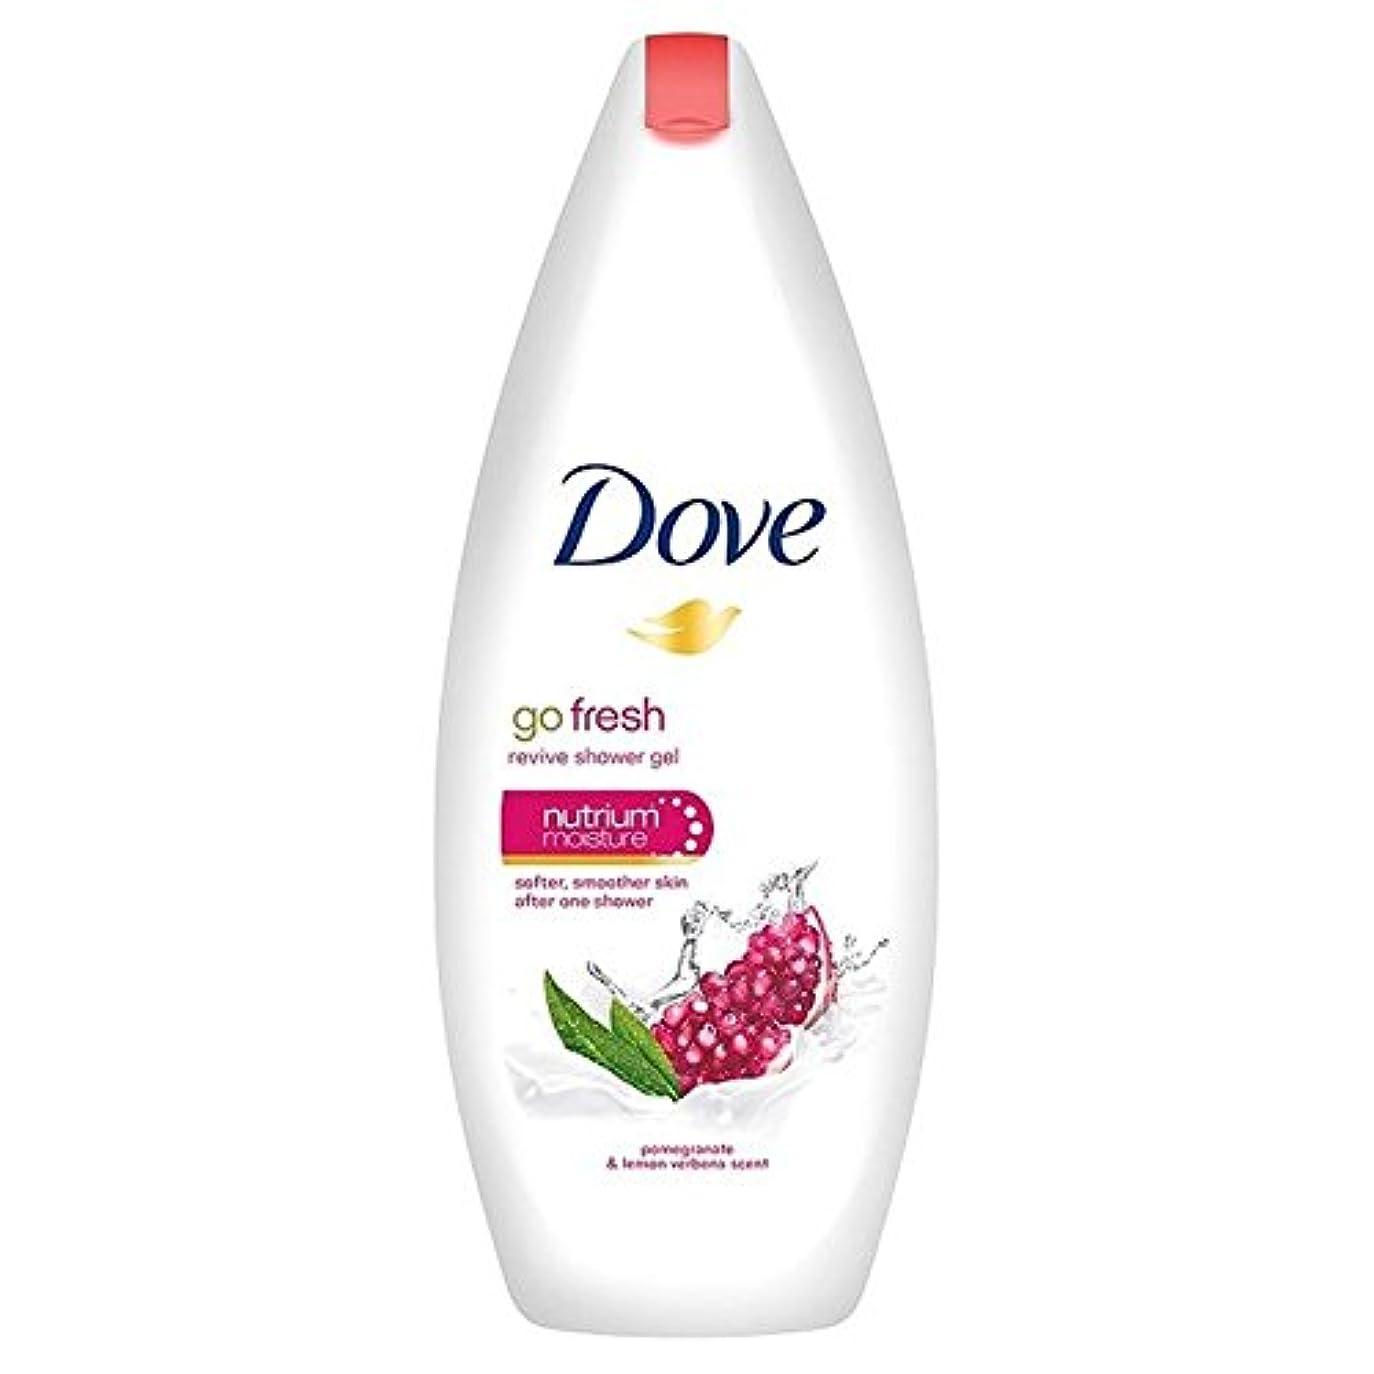 聞くアナリストアクセシブルDove Go Fresh Pomegranate Body Wash 250ml - 鳩は、新鮮なザクロボディウォッシュ250ミリリットルを行きます [並行輸入品]